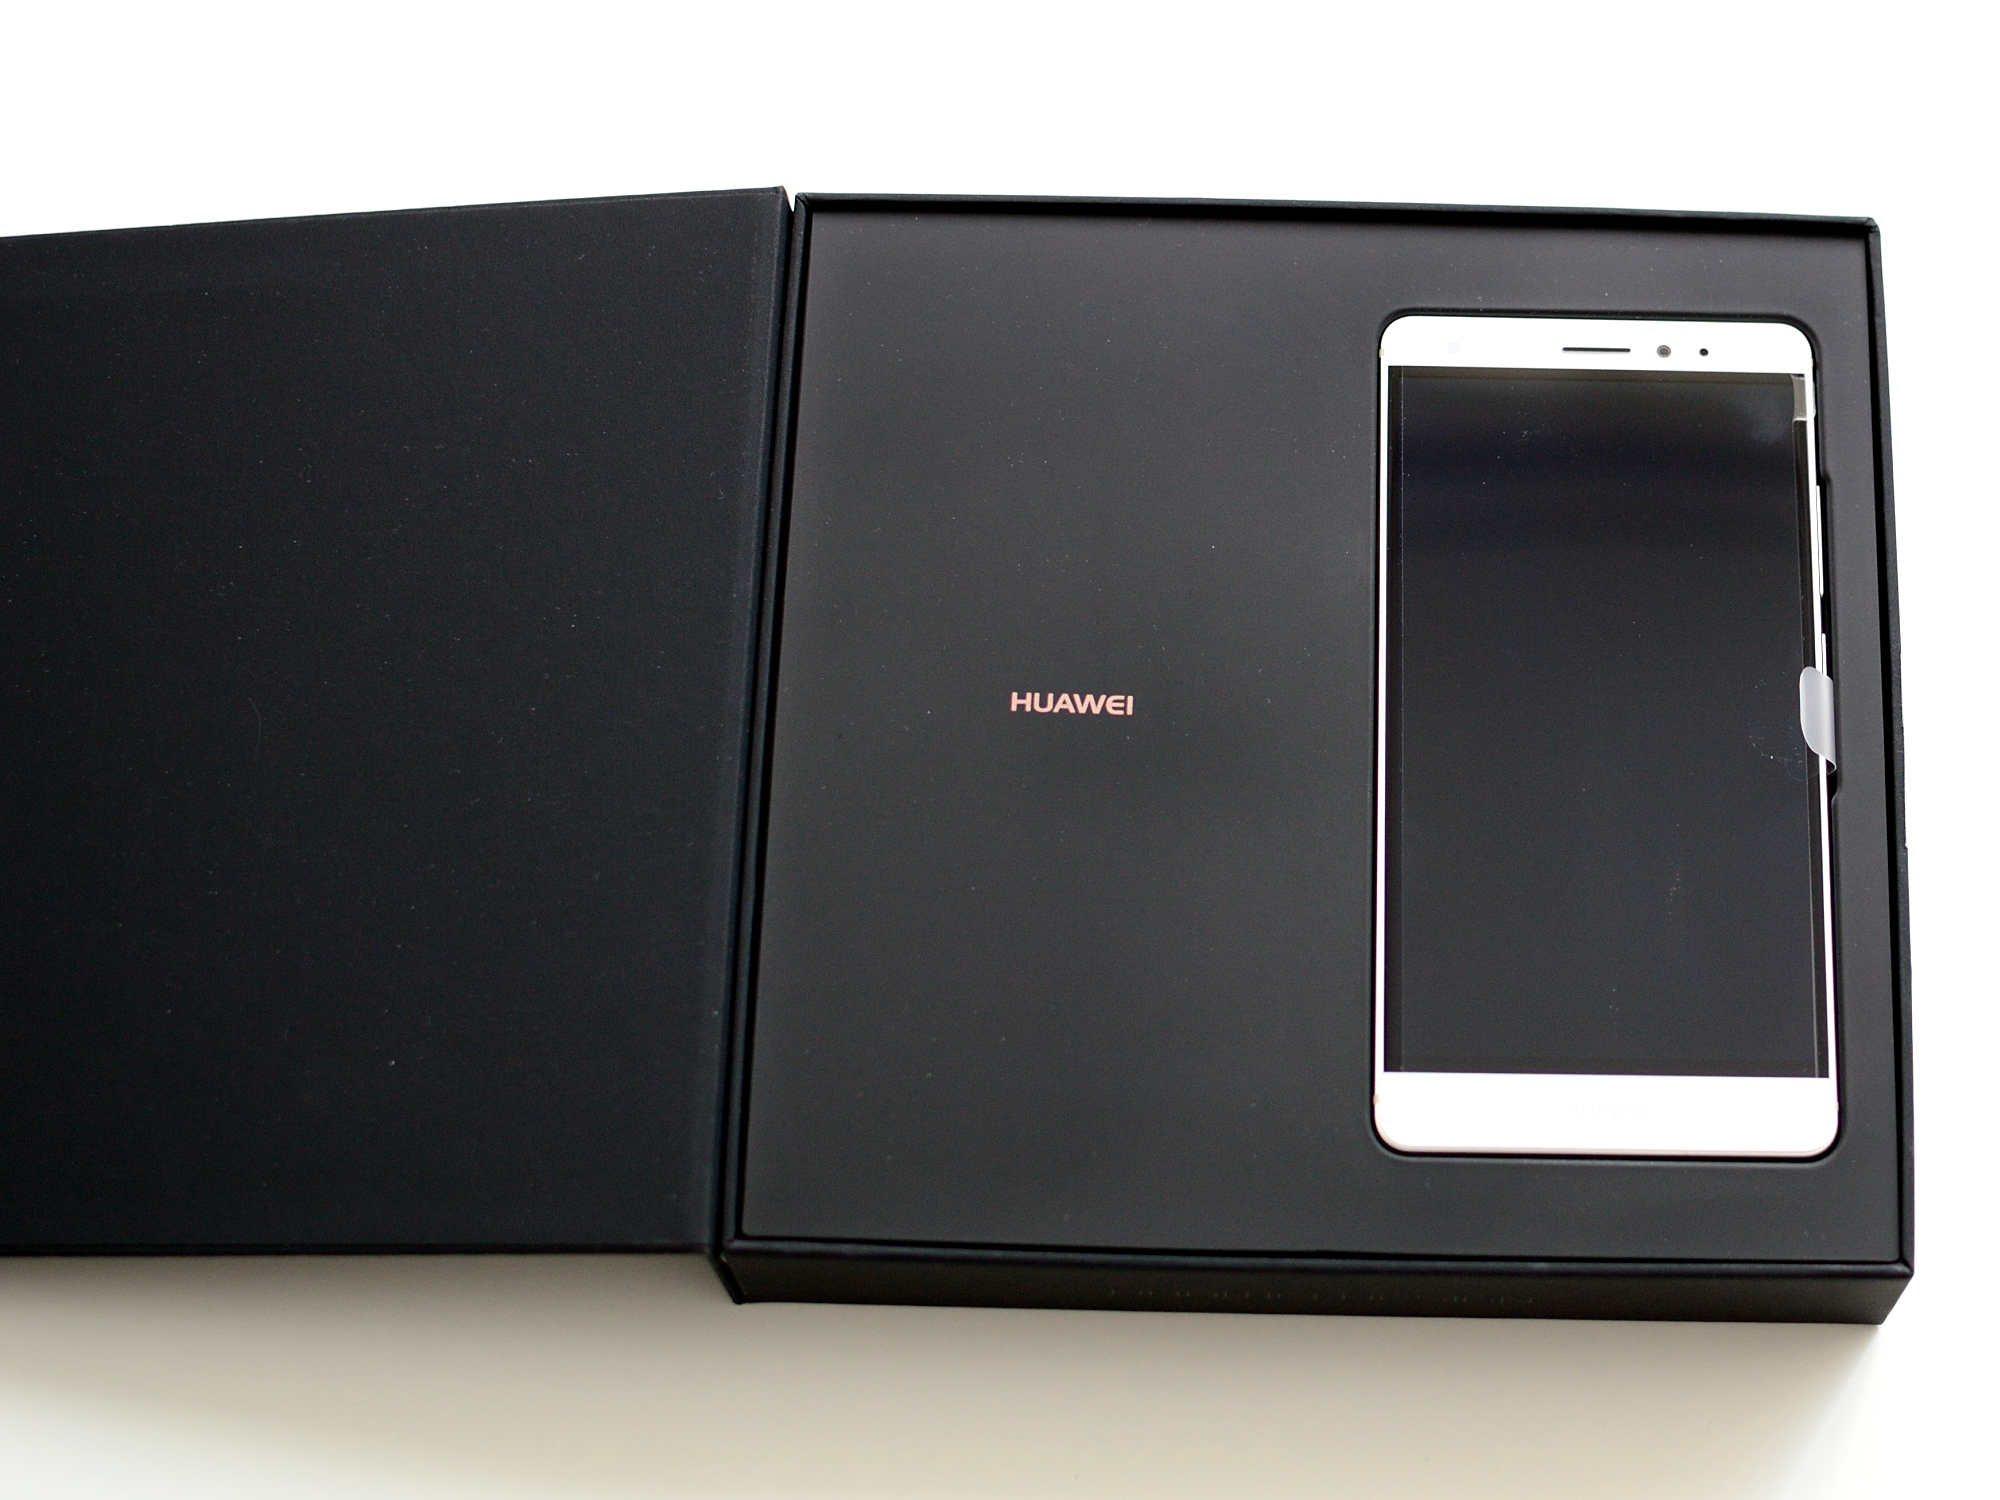 Huawei Mate S: poniendo a prueba la cámara y editando con KineMaster ...